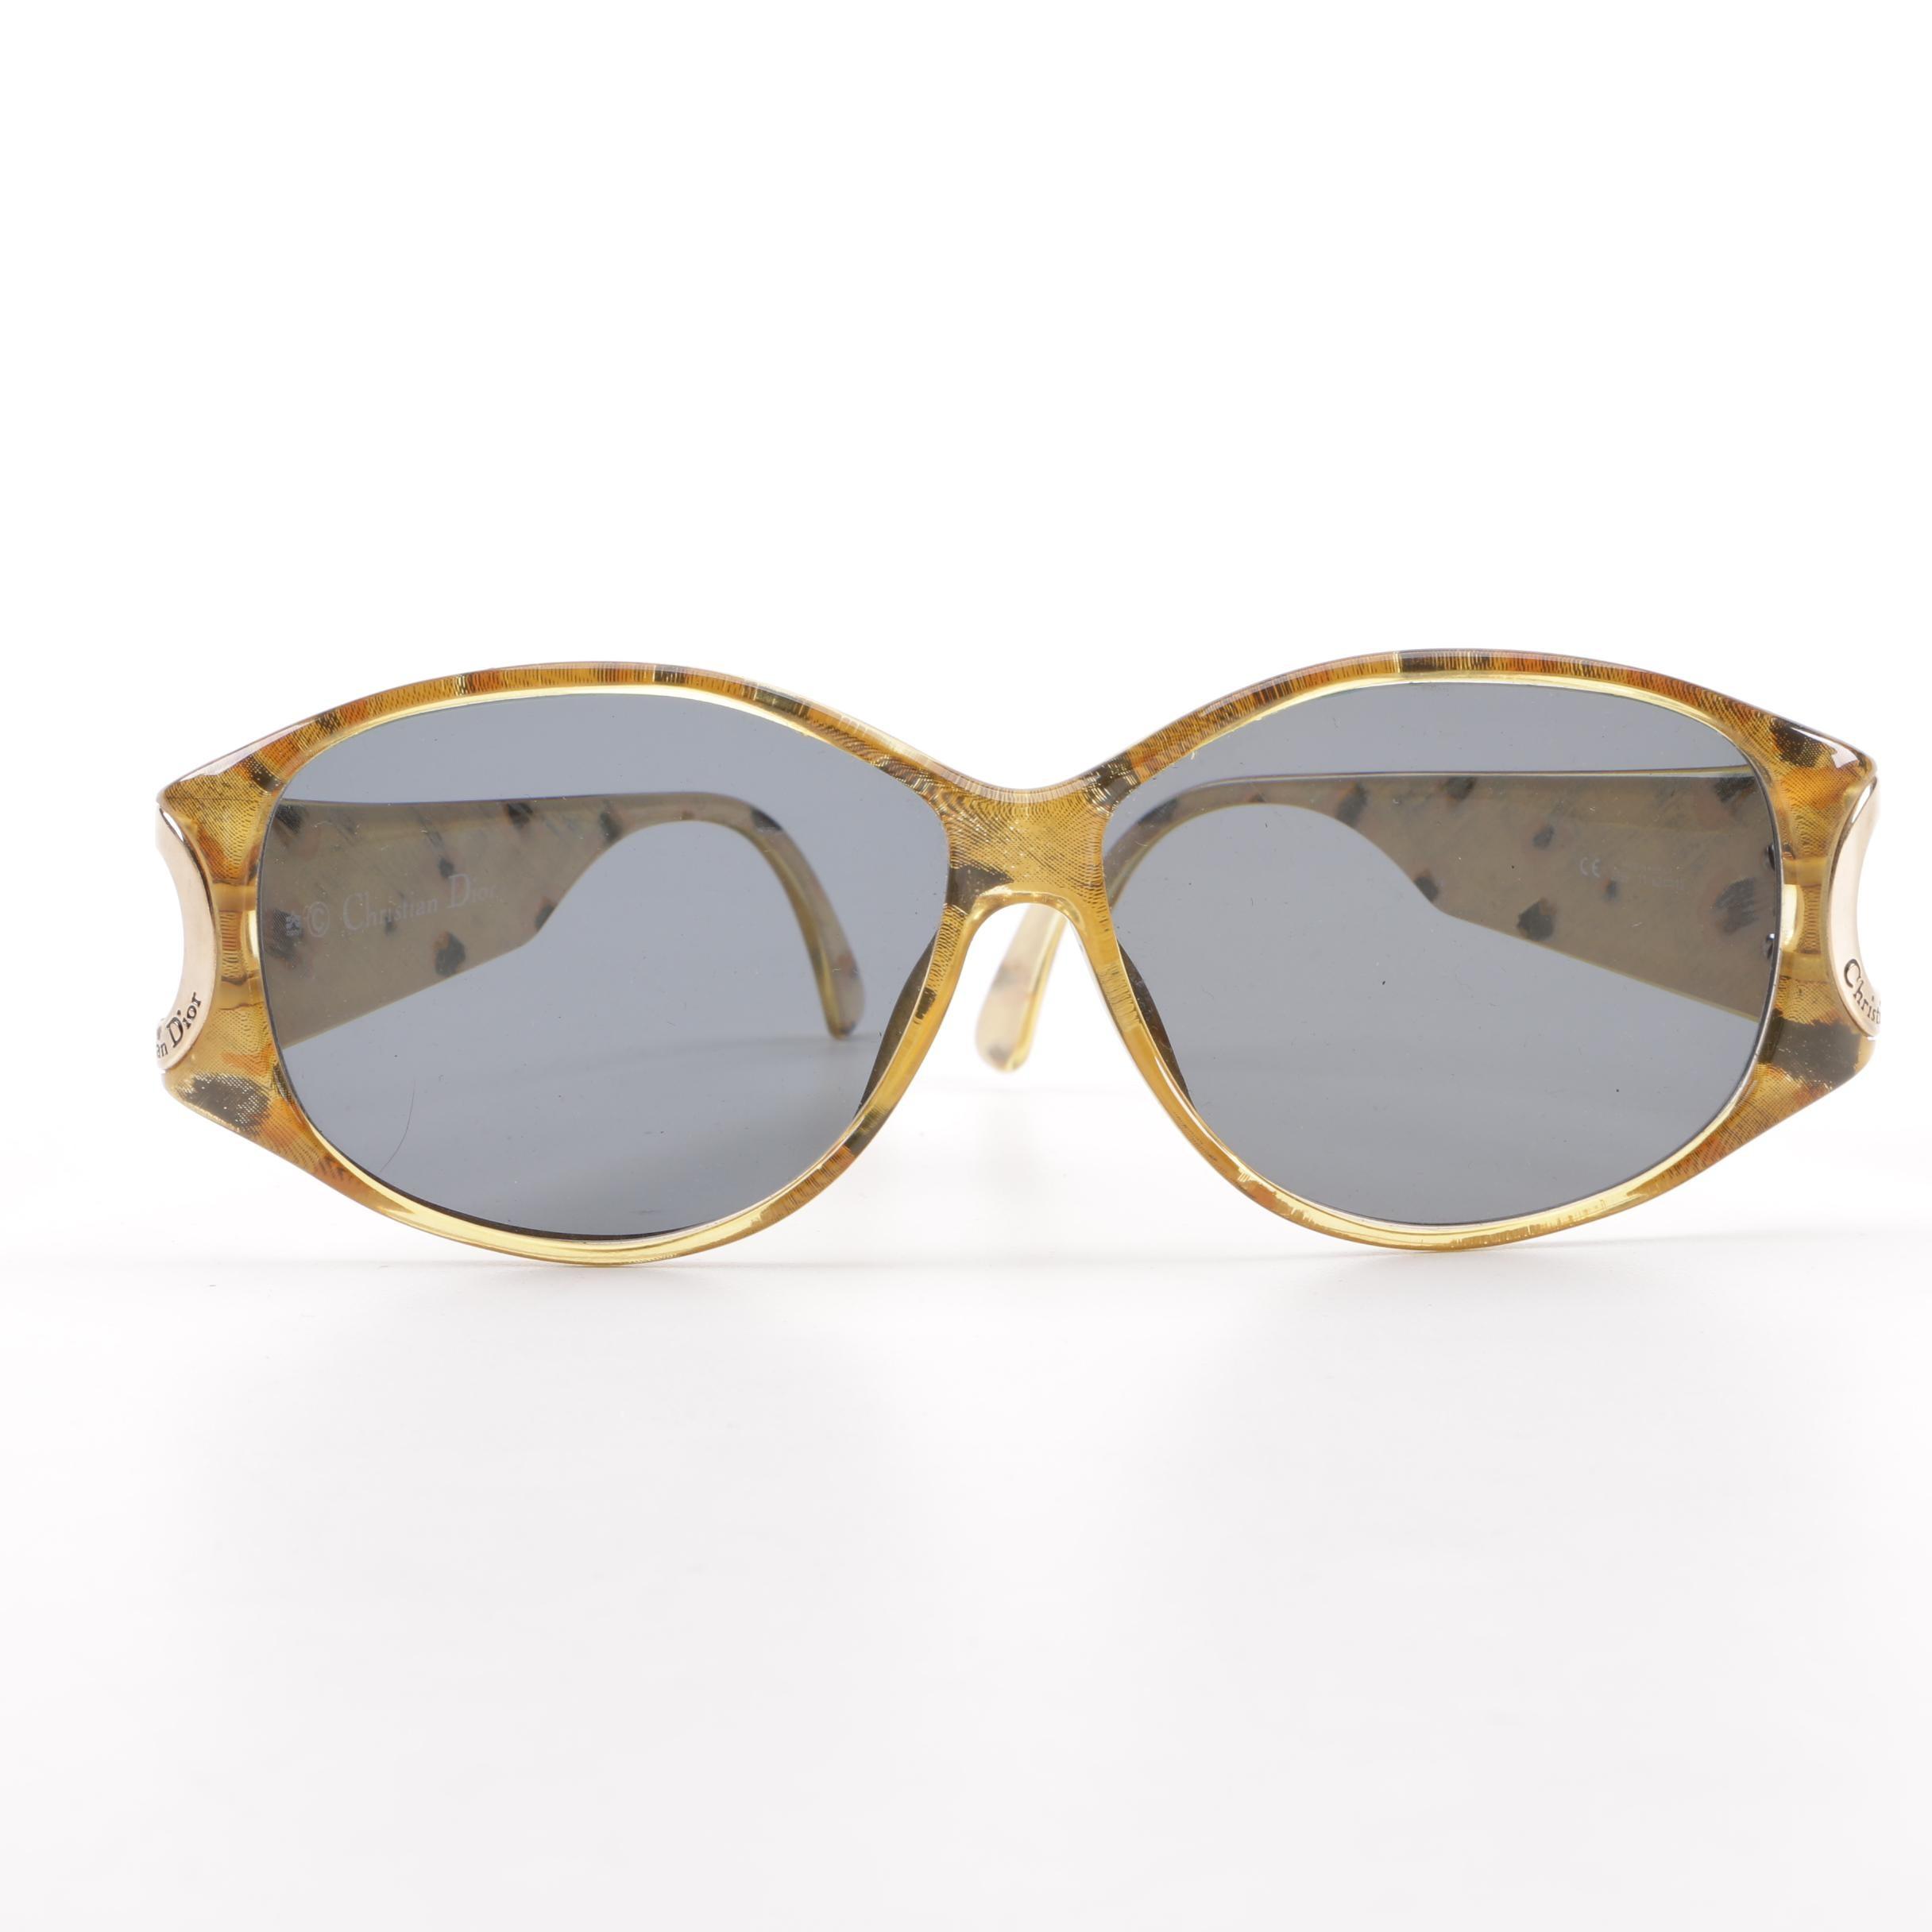 Vintage Christian Dior 2759 Polarized Prescription Sunglasses, Made in Austria